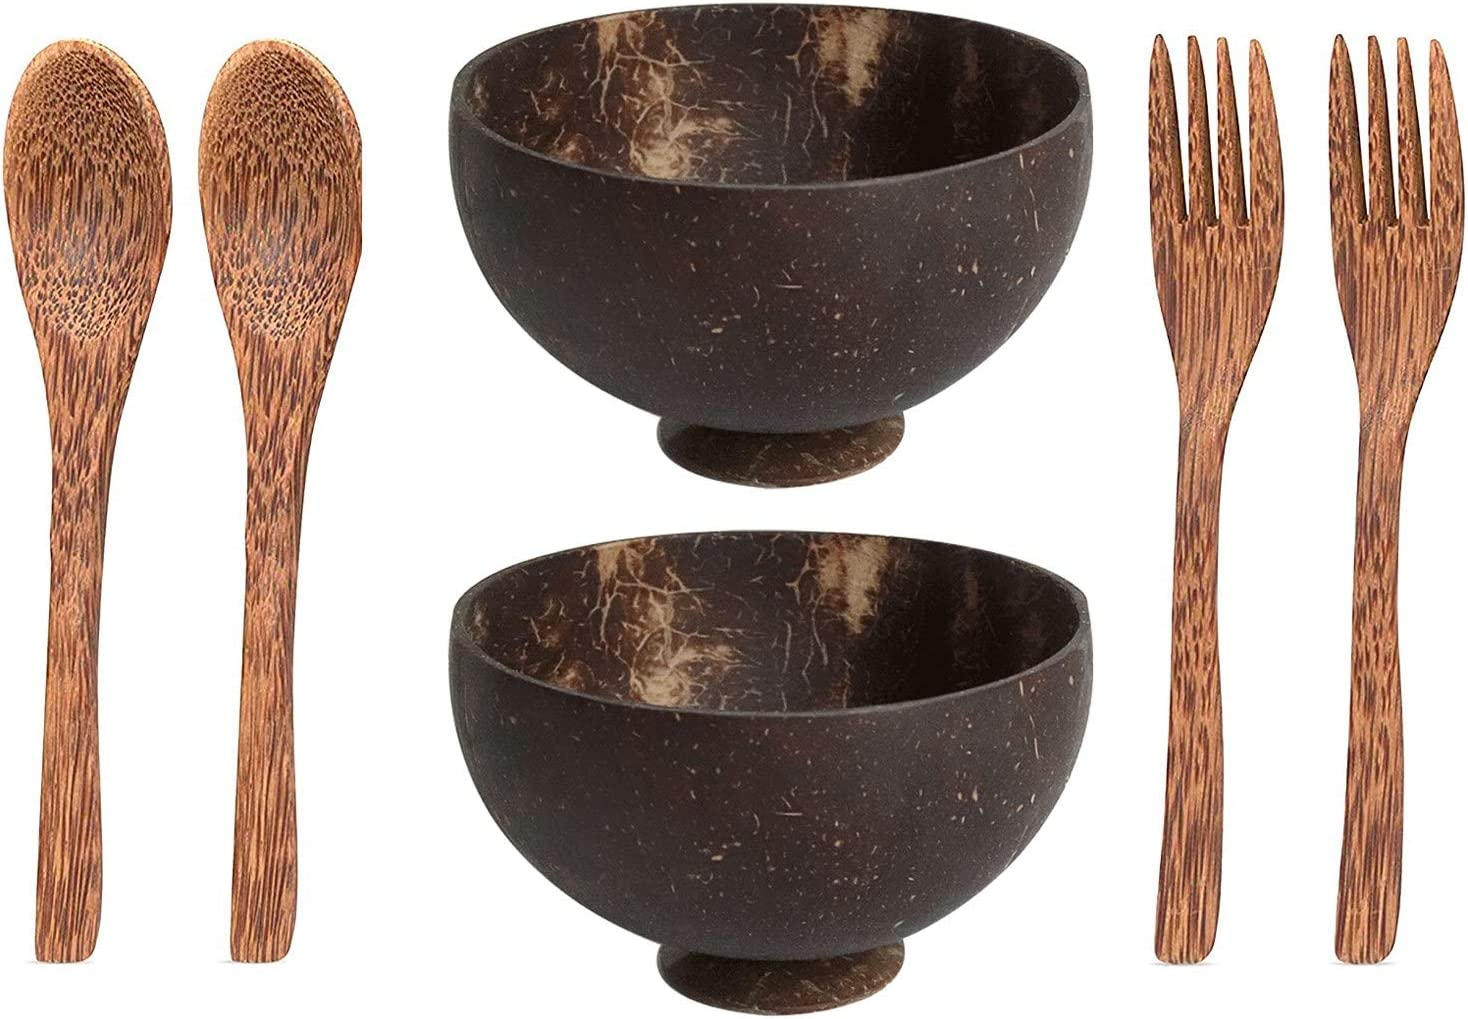 Jcevium Cuencos de coco con felpa, tenedores, cuencos para smoothies, ensaladas, artesanías hechas a mano, cuencos para velas, ensaladas, batidos y frutales.